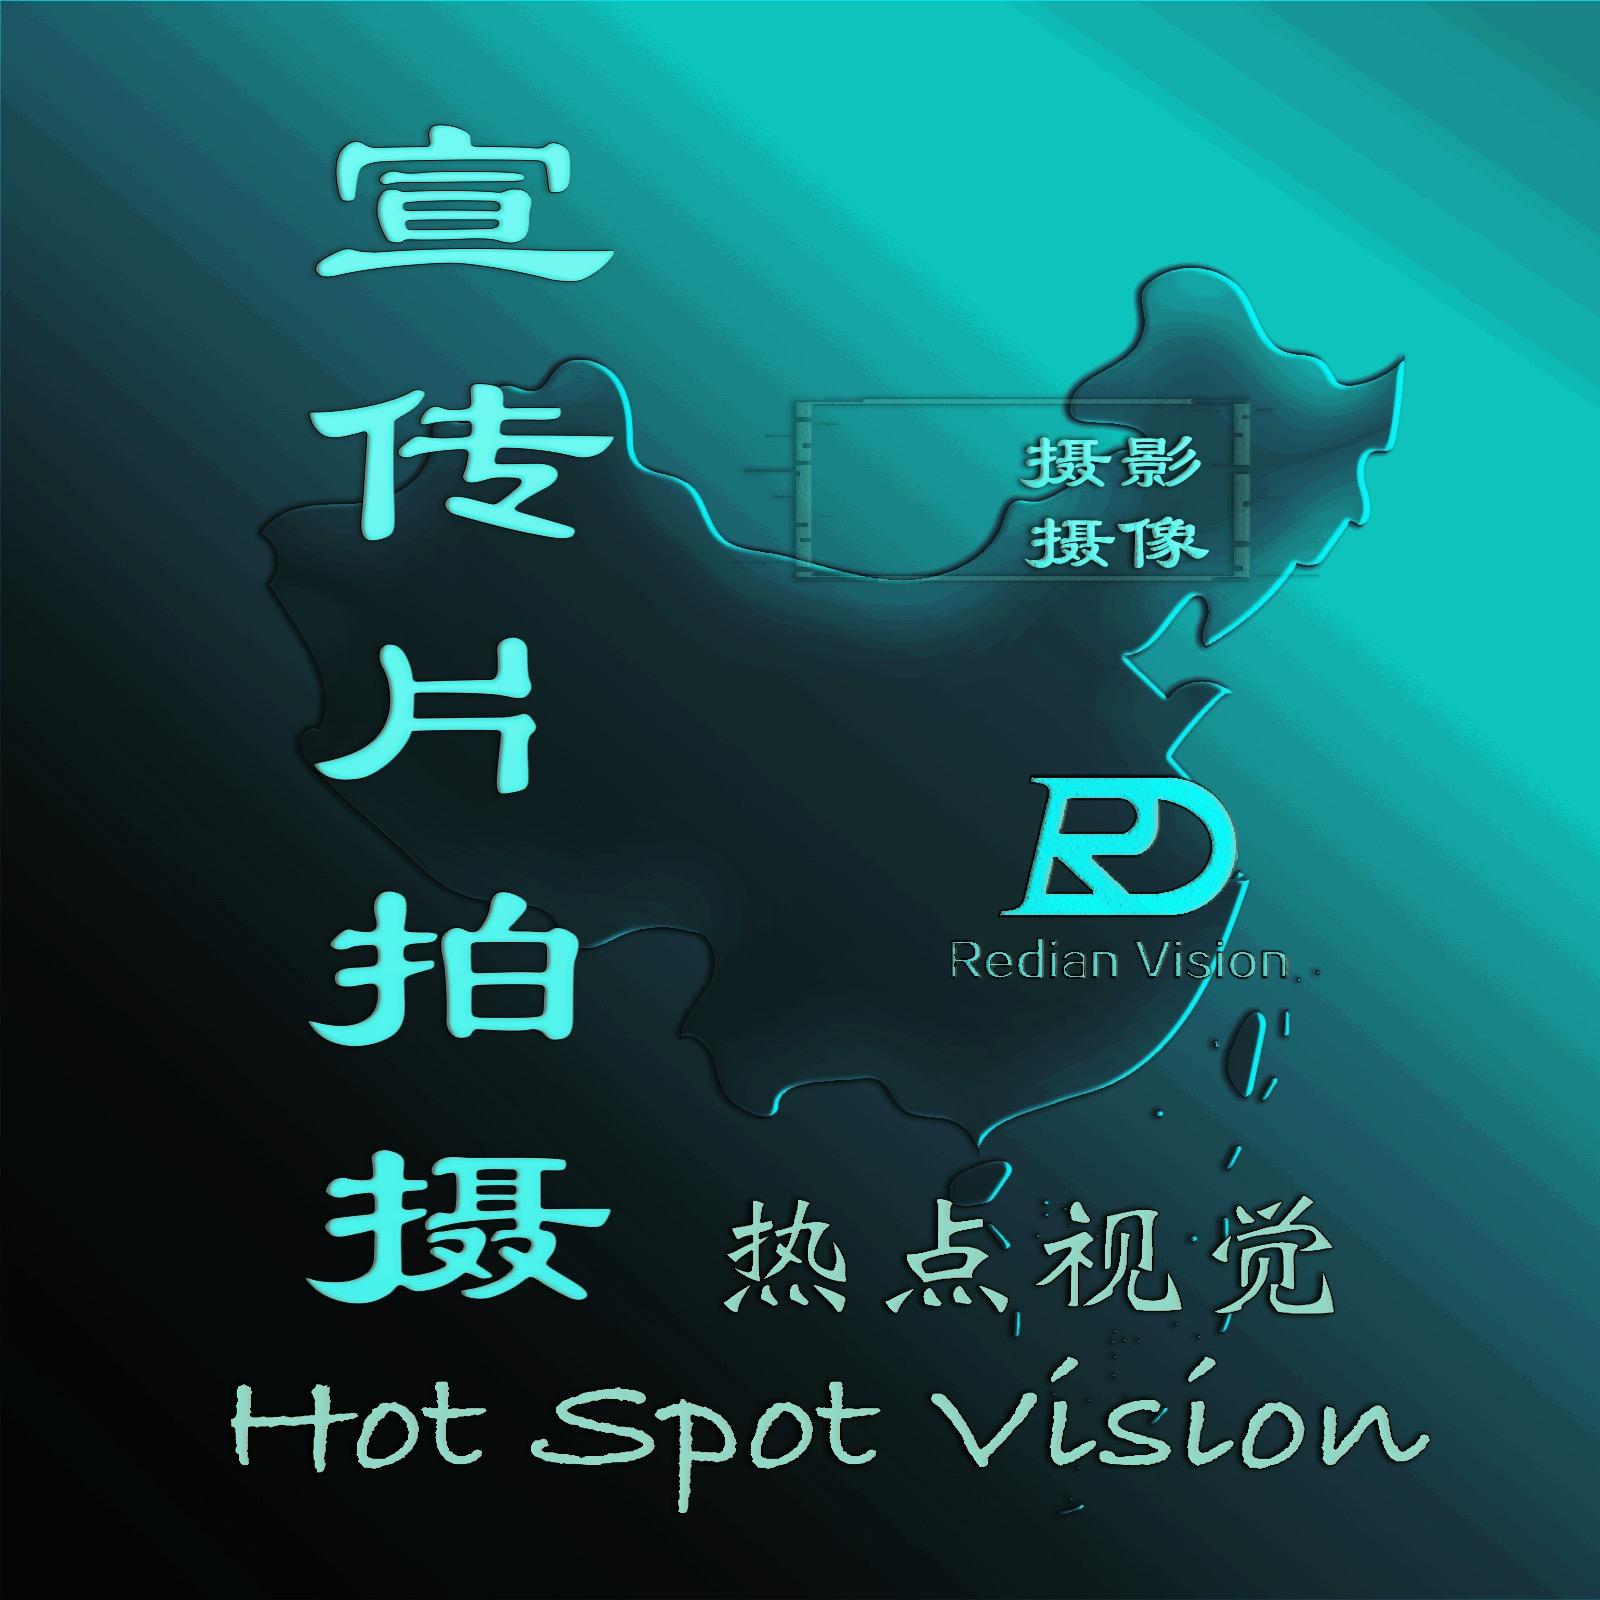 北京热点视觉宣传片拍摄视频摄影电商展示视频制作美食拍摄影服务